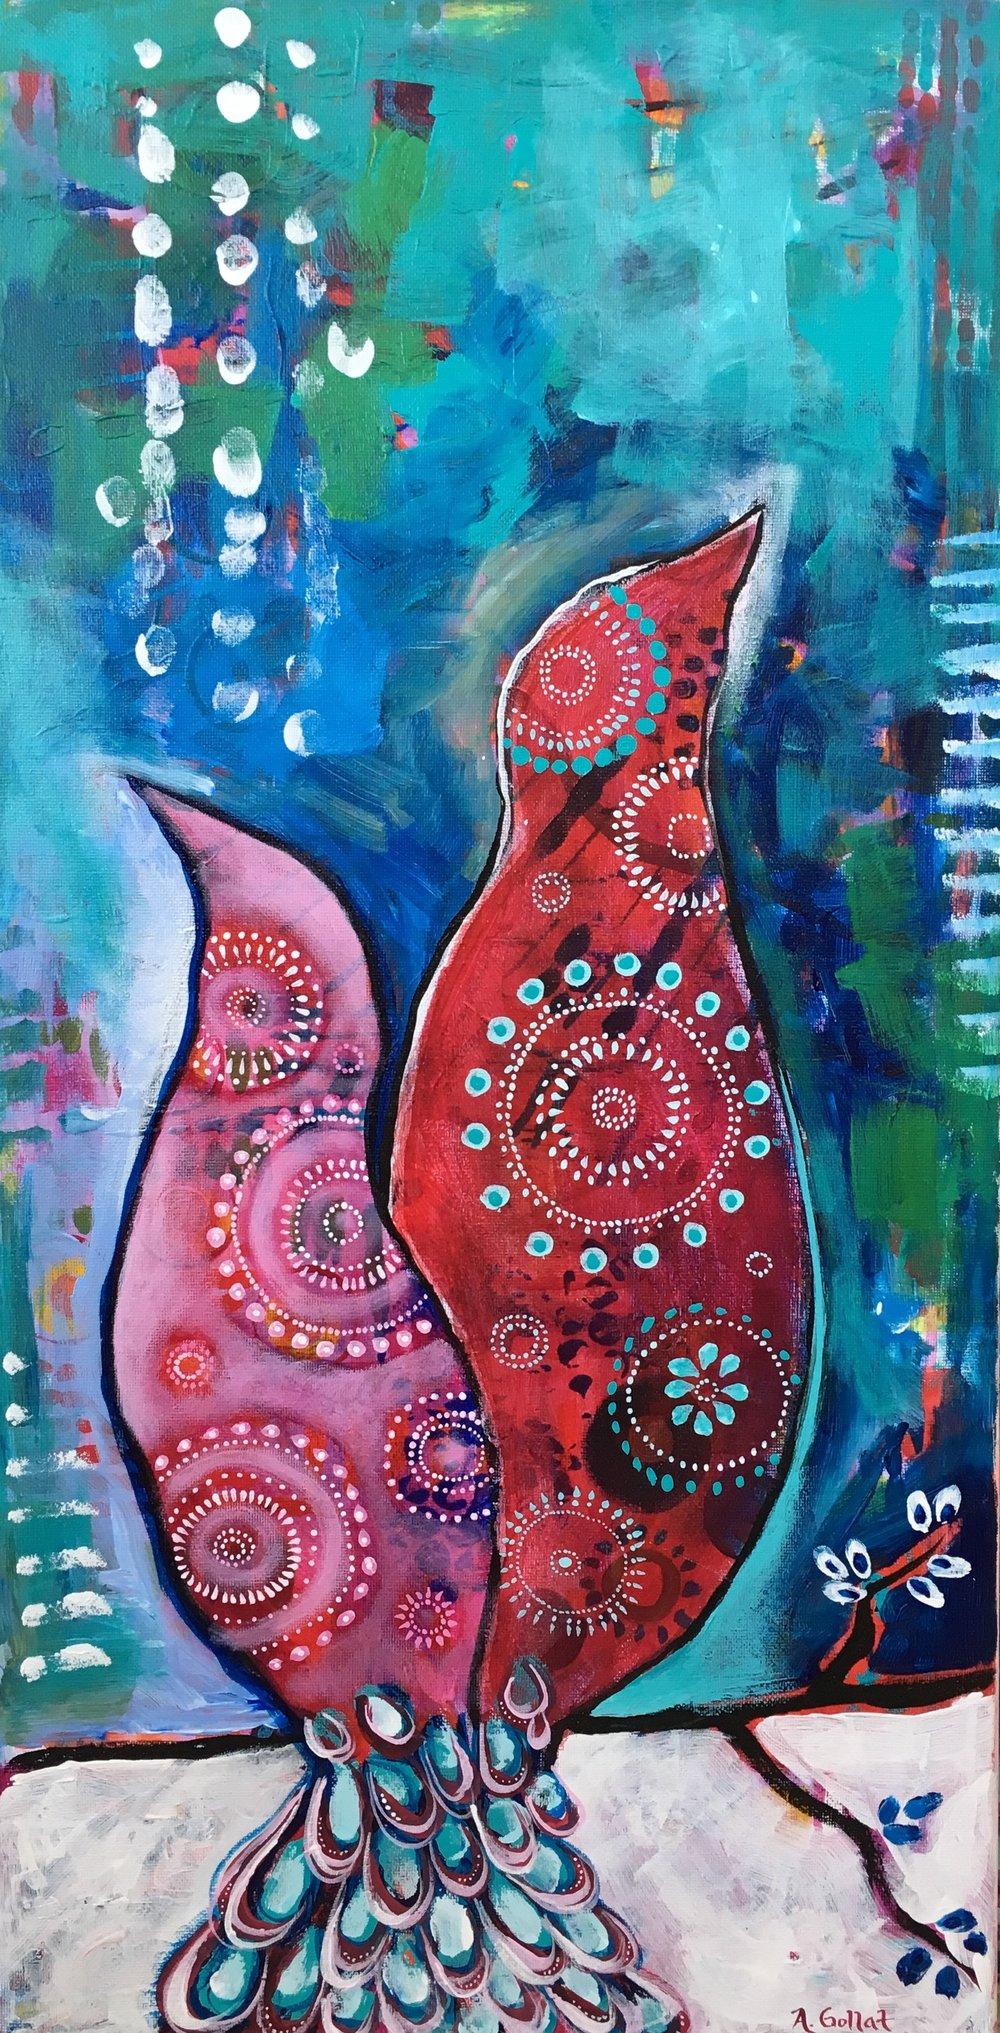 'Iintertwined' by Angela Gollat